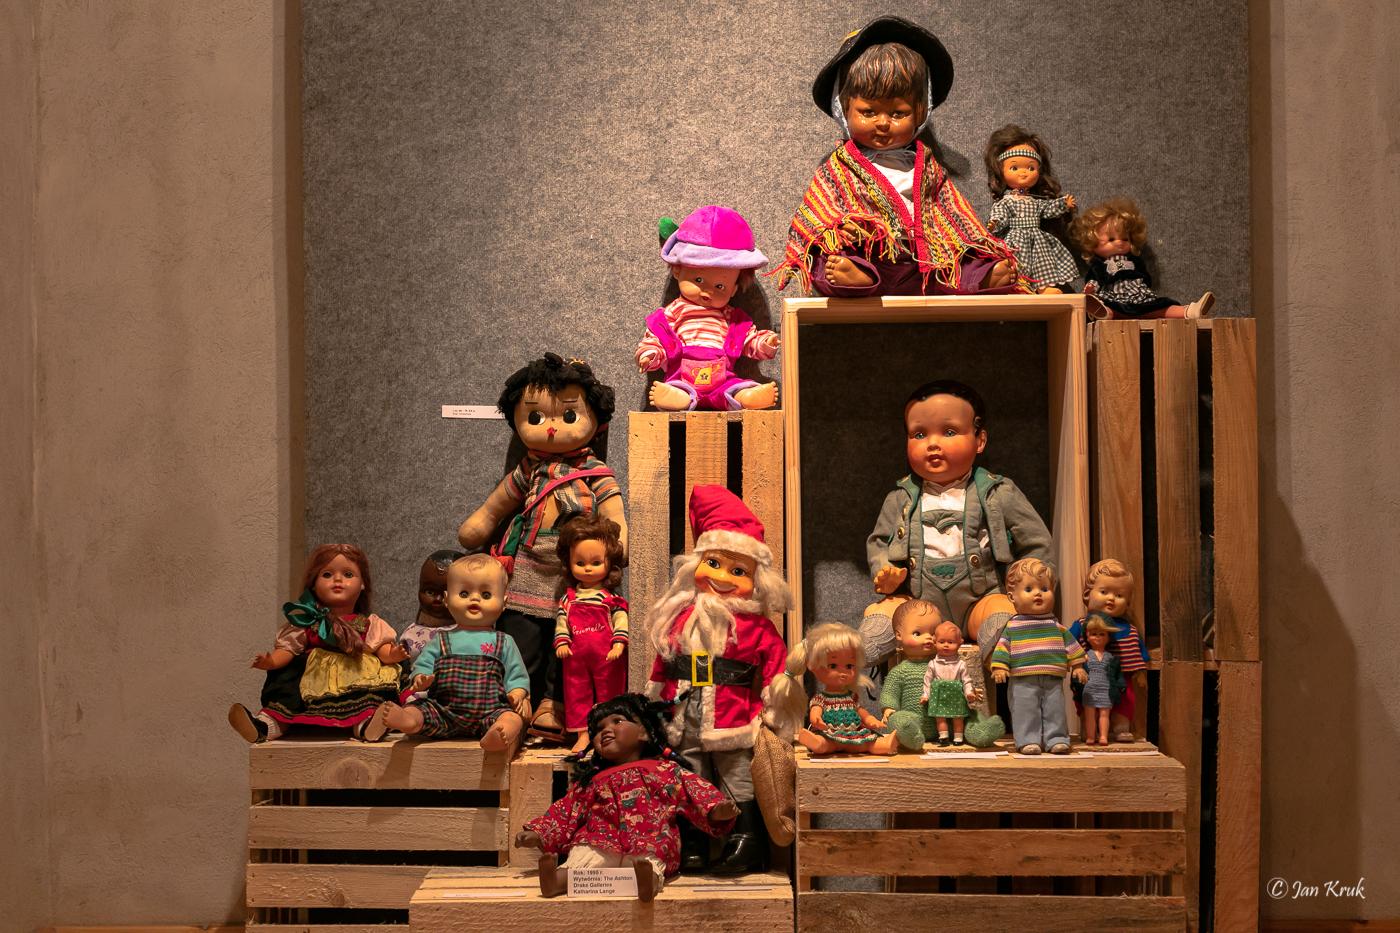 Wystawa lalek Glogowek fot. Jan Kruk